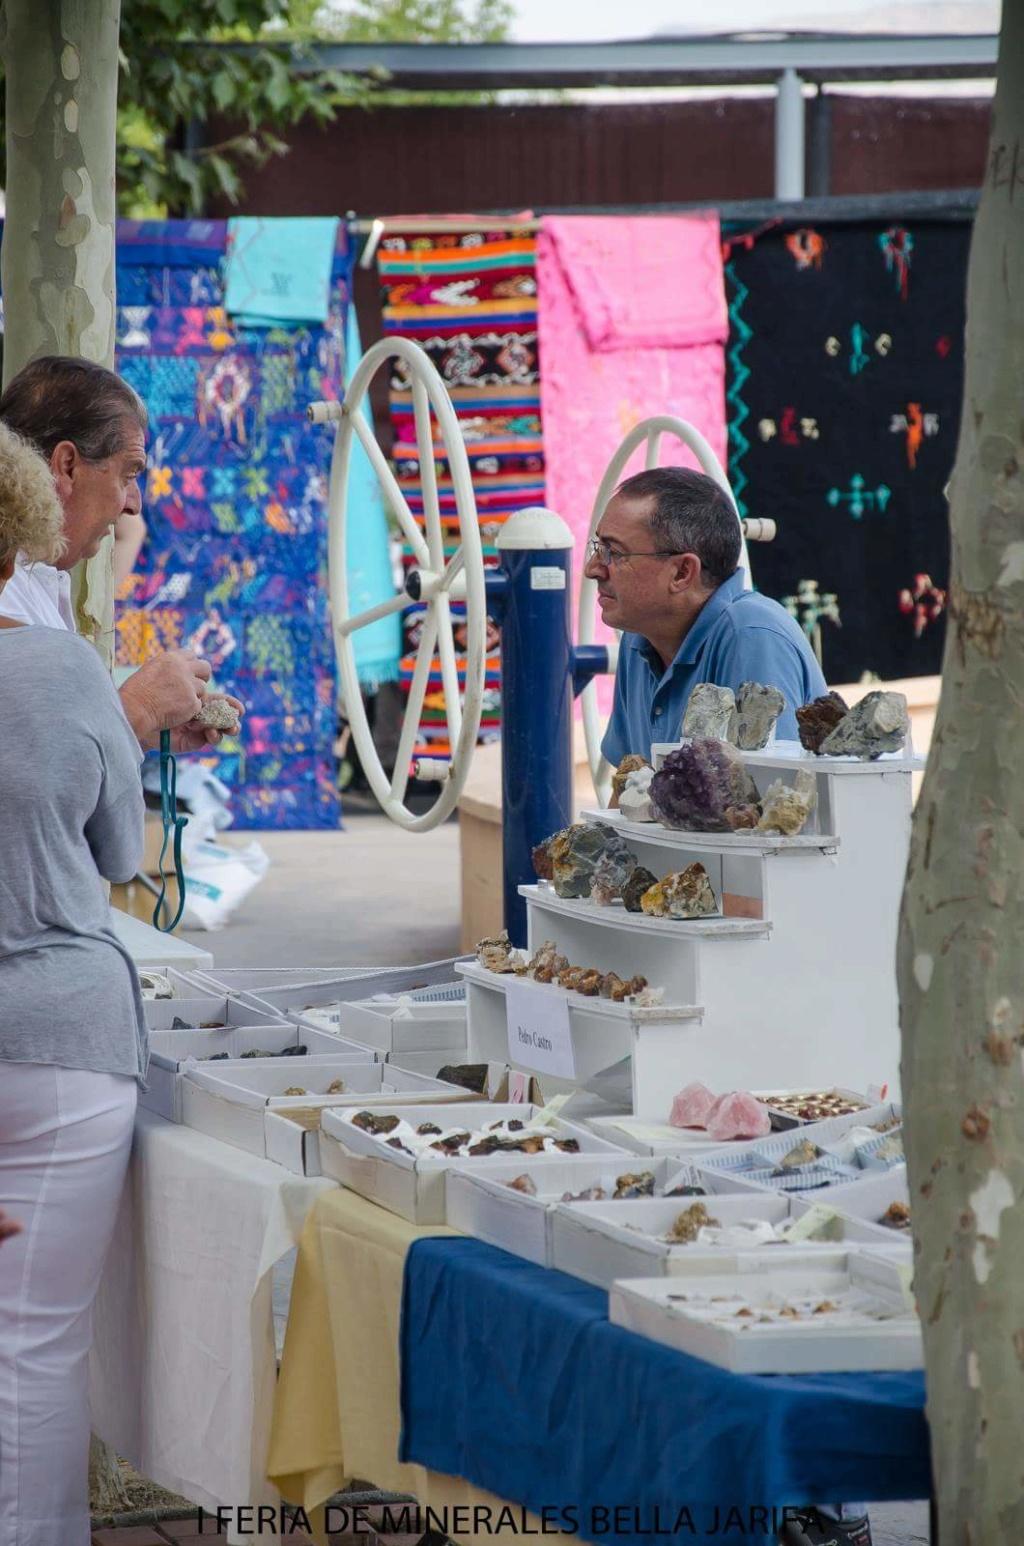 I Feria de minerales intercambio y venta de Cártama (MÁLAGA) - Página 6 Fb_im128